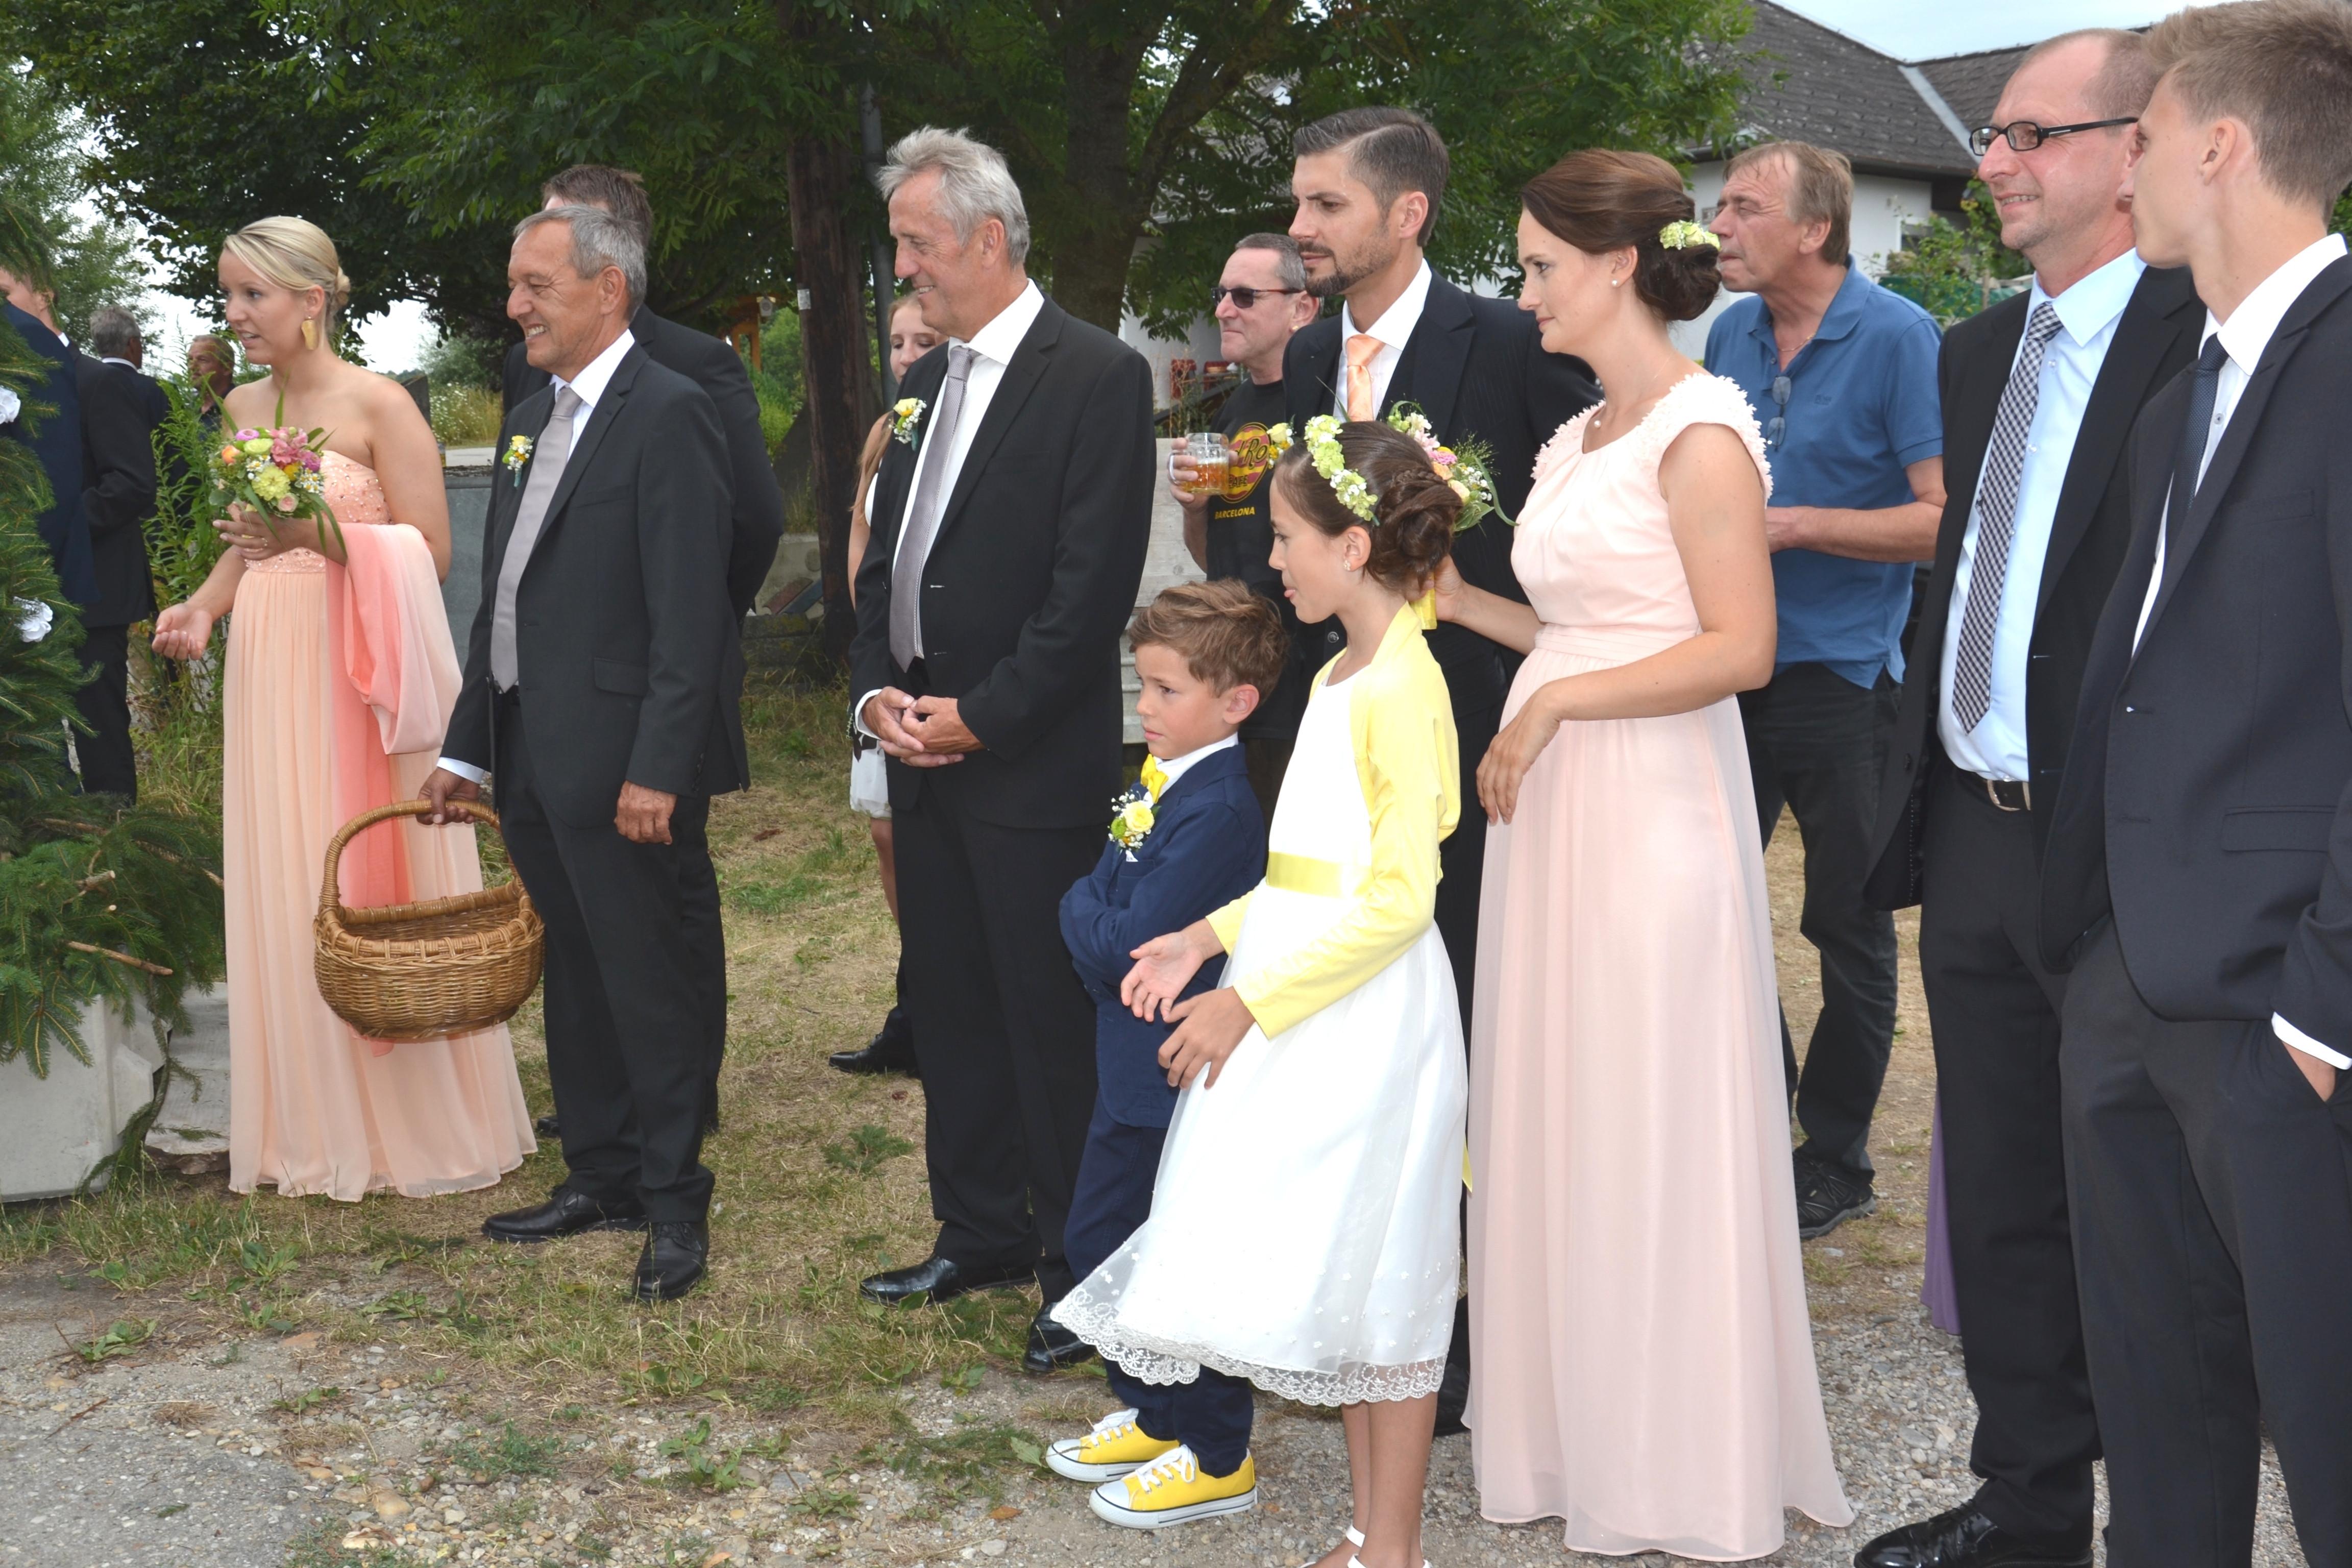 Schöne Hochzeit  Eine traumhaft schöne Hochzeit in Mauthausen Perg